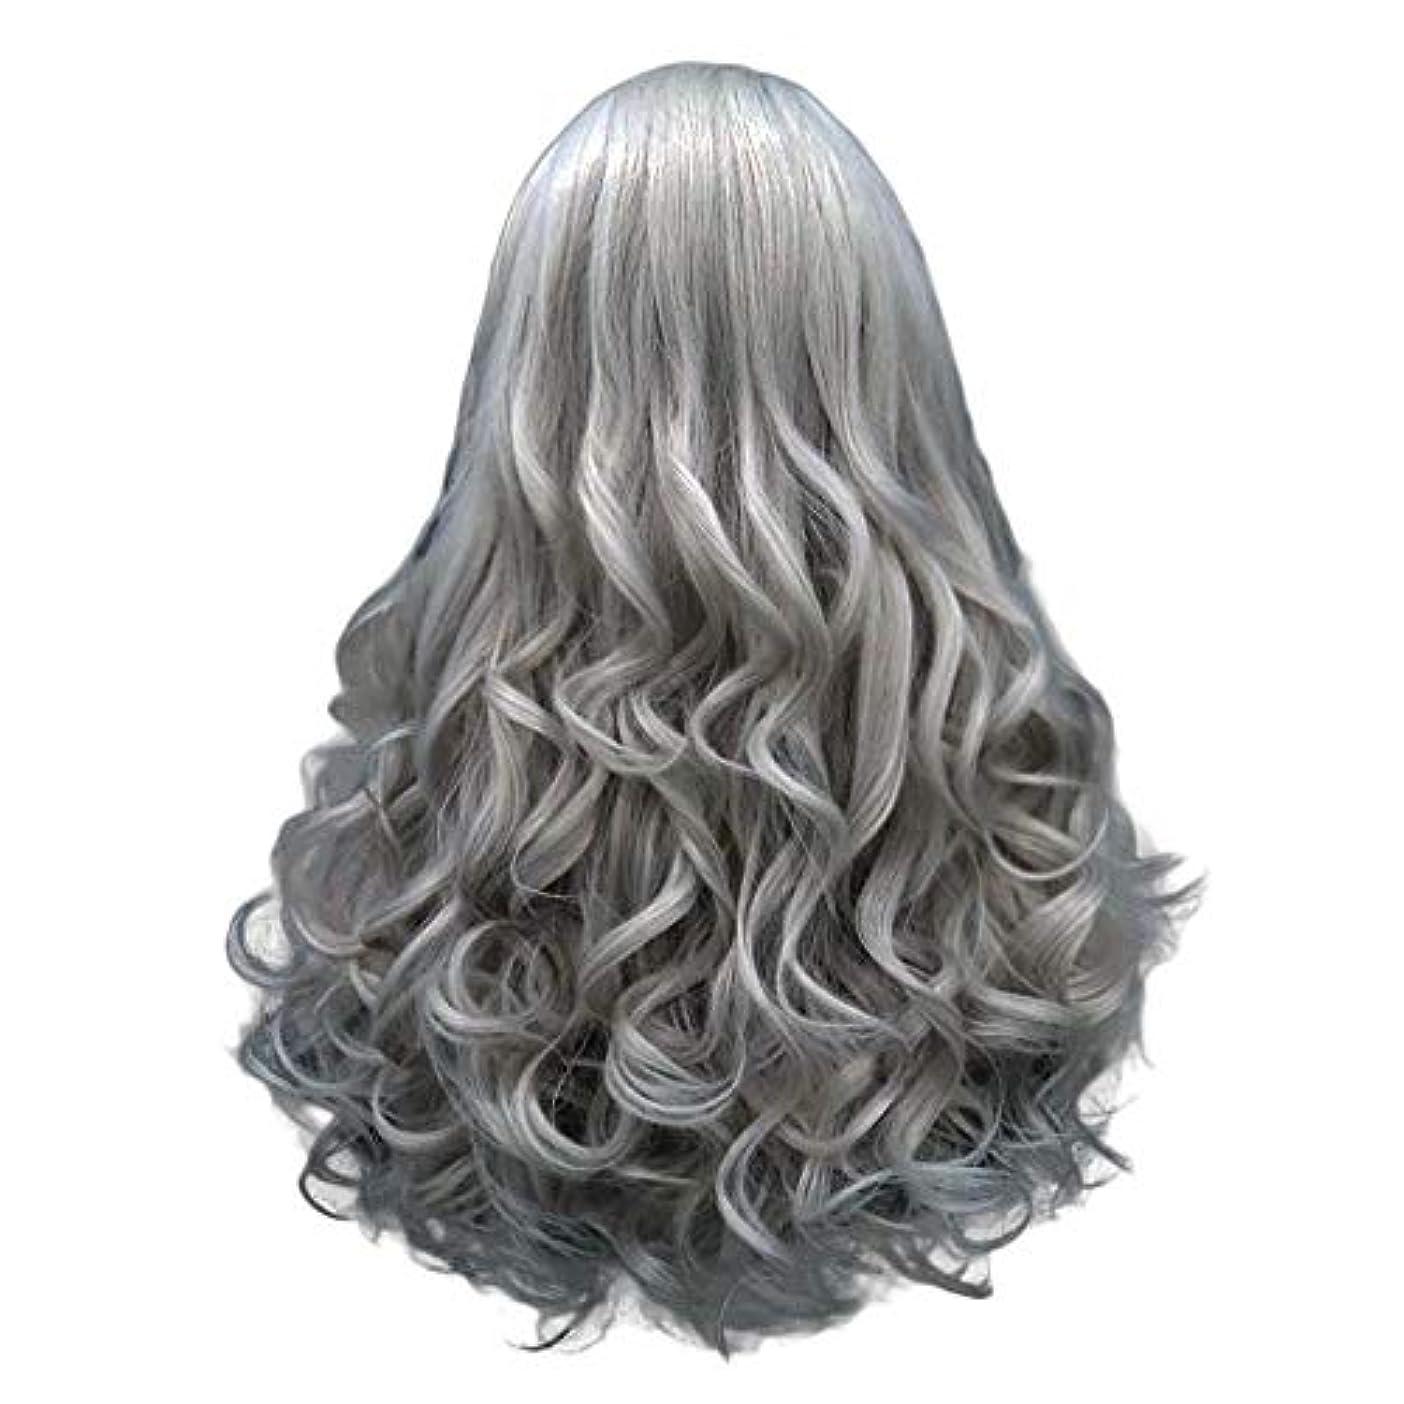 広告ウサギタップ長い巻き毛の混合カラーセクシーなグラデーショングレーパーティーウィッグ